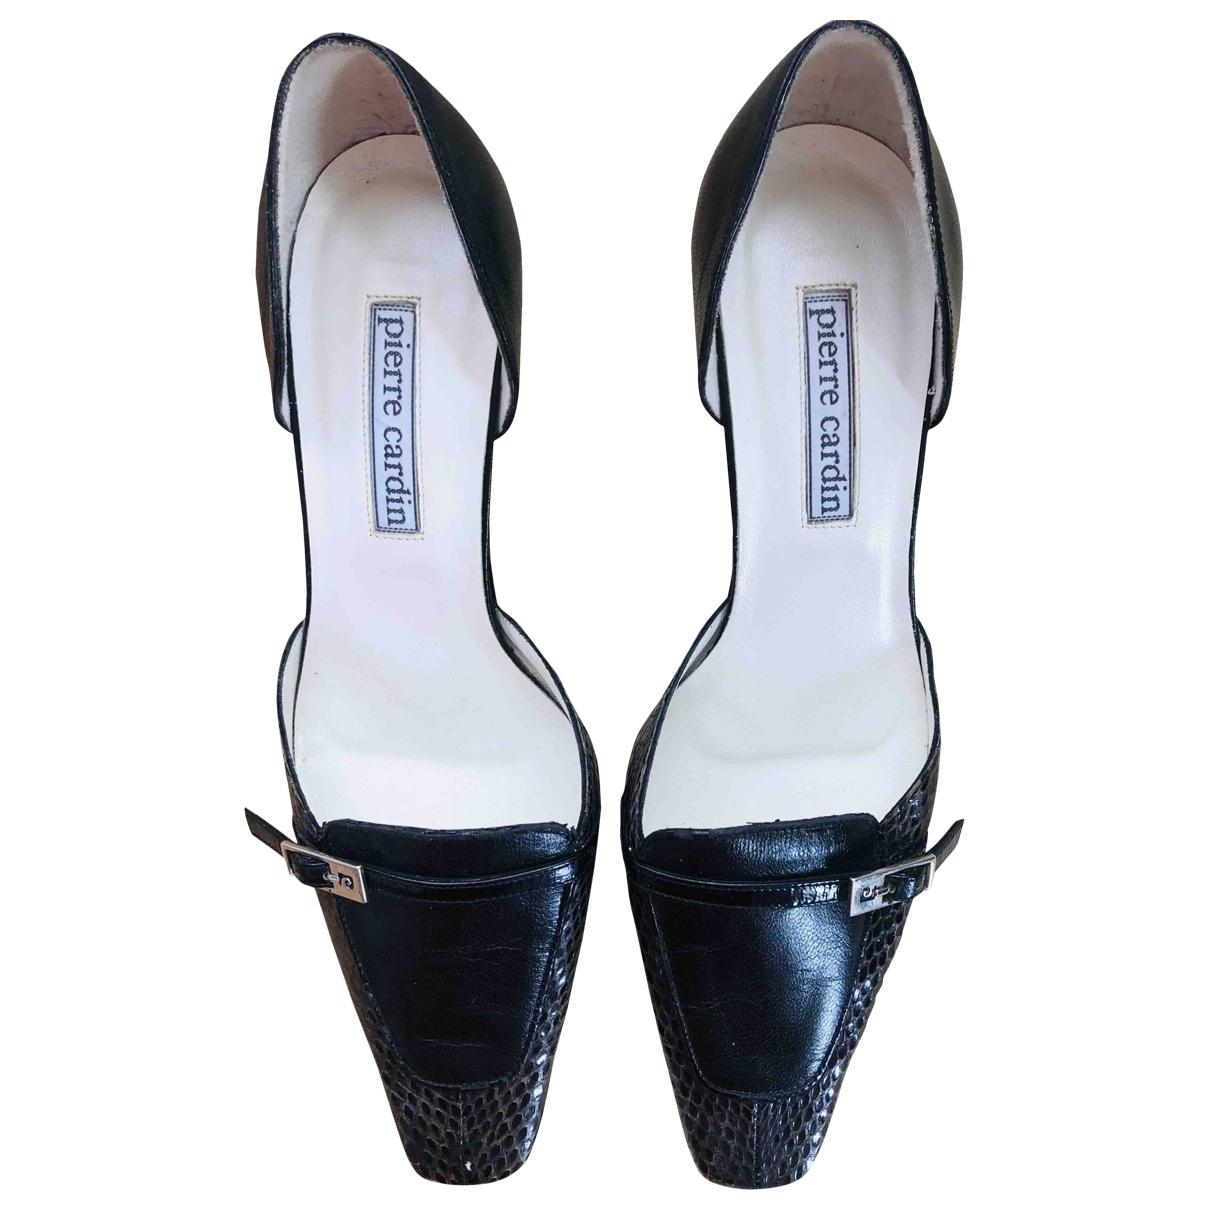 Pierre Cardin \N Black Leather Heels for Women 38 EU